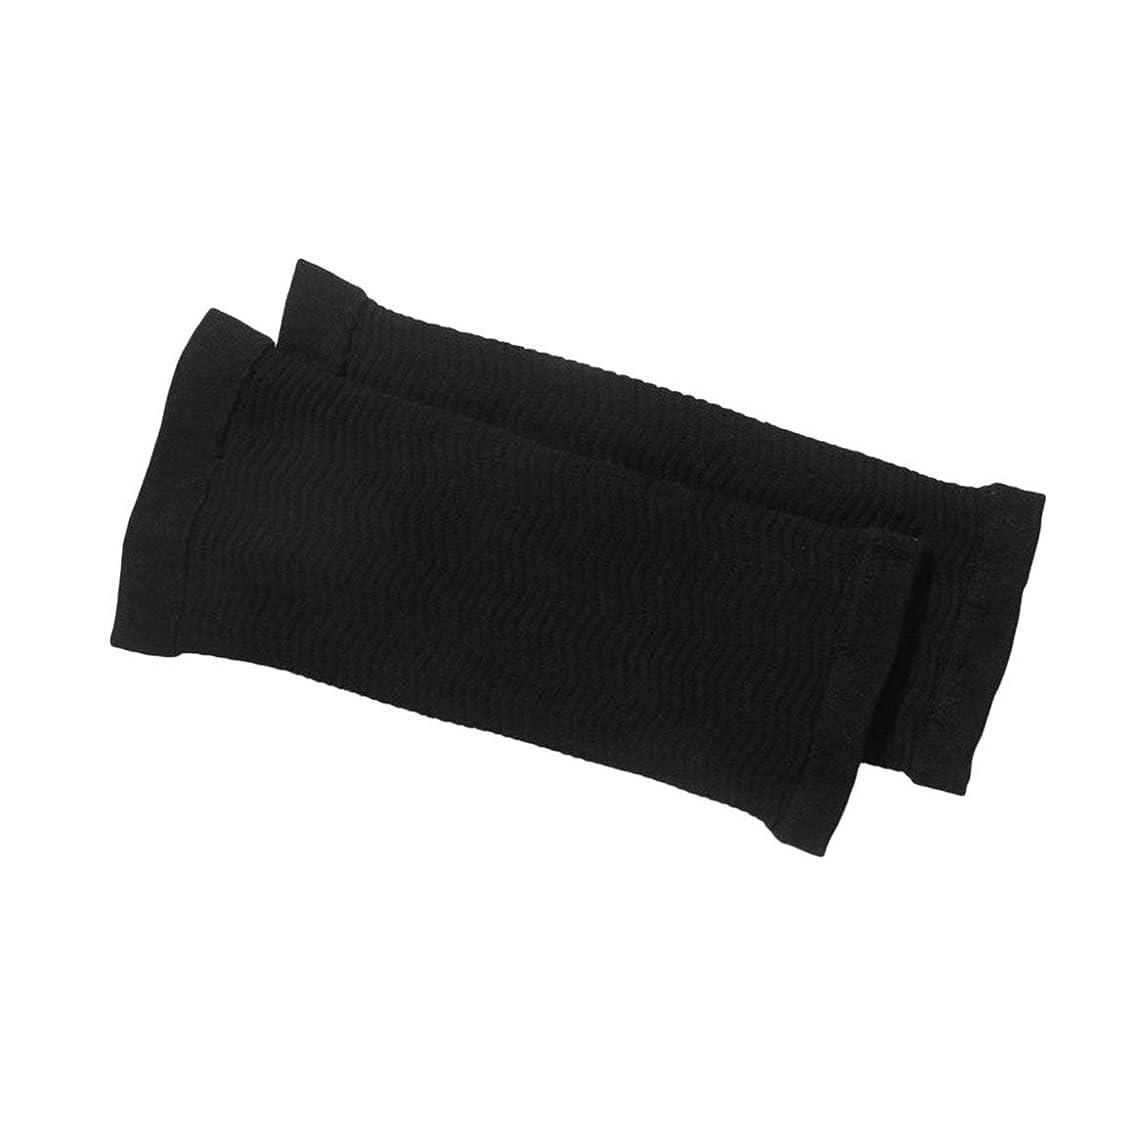 治す通知するメディカル1ペア420 D圧縮痩身アームスリーブワークアウトトーニングバーンセルライトシェイパー脂肪燃焼袖用女性 - 黒